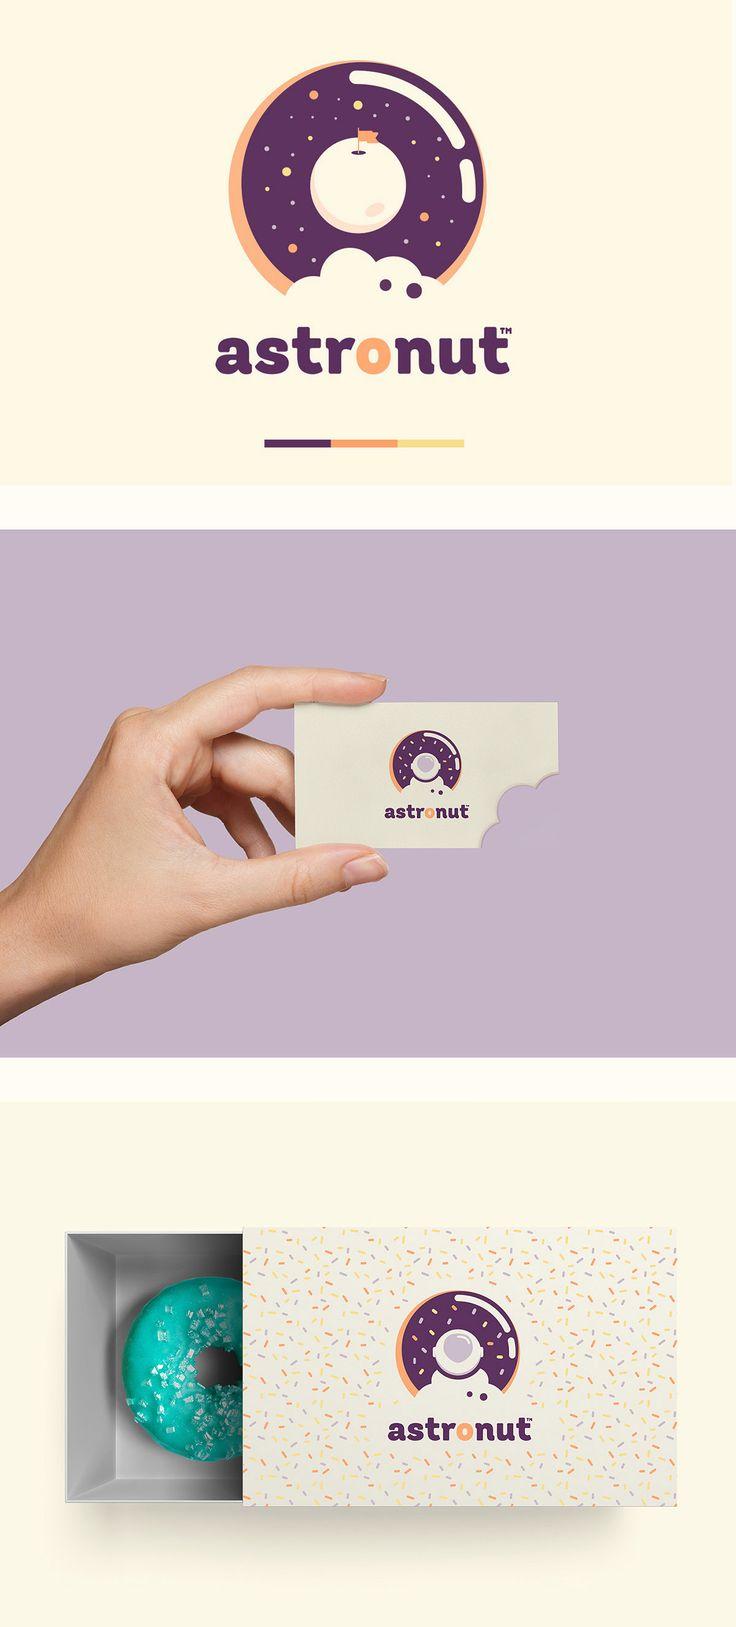 Les comparto el portafolio de Super Magic Friend, un despacho de diseño con base en la ciudad de México del cuál no sabemos mucho pero su portafolio esta plagado de buenas propuestas de branding y algo de ilustración, no tiene desperdicio!Super Magic Friend